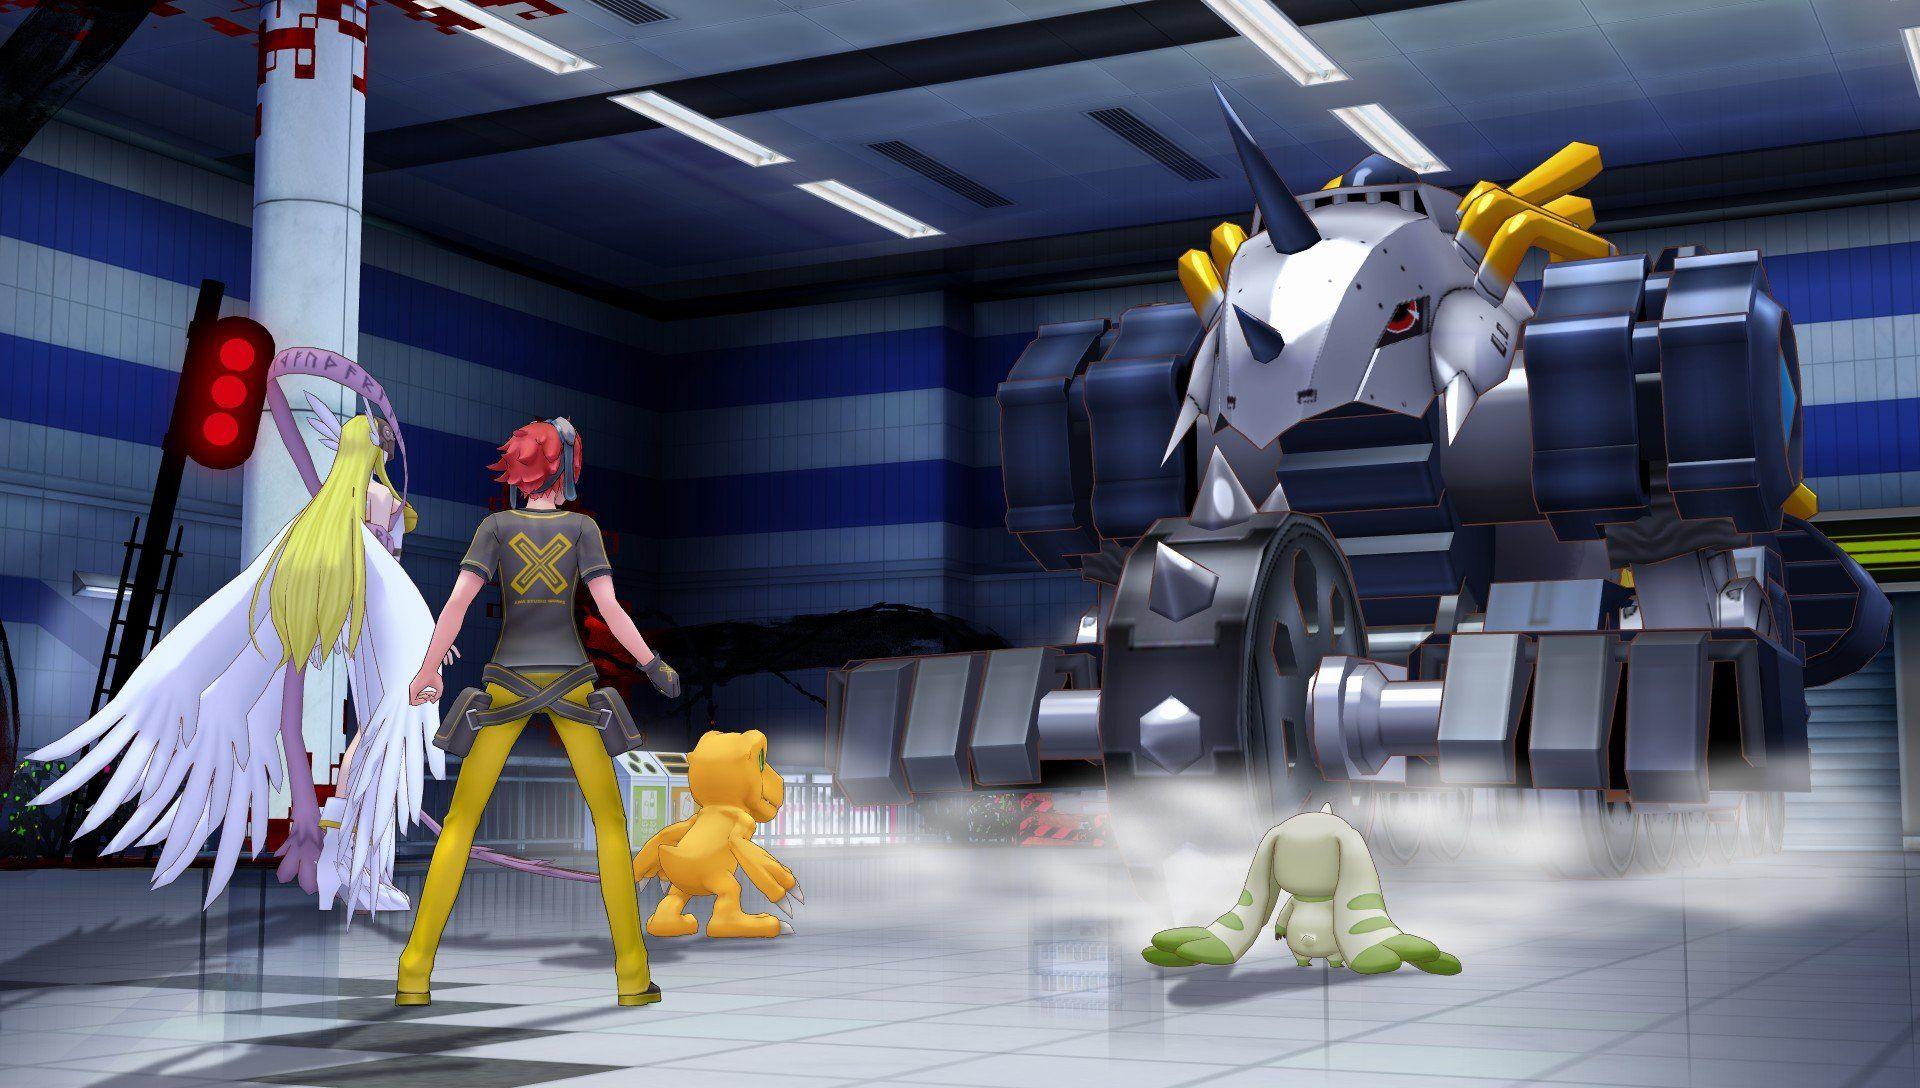 #DigimonStoryCyberTruth #Digimon Para más información sobre #Videojuegos, visita nuestra página web: www.todosobrevideojuegos.com y síguenos en Twitter https://twitter.com/TS_Videojuegos